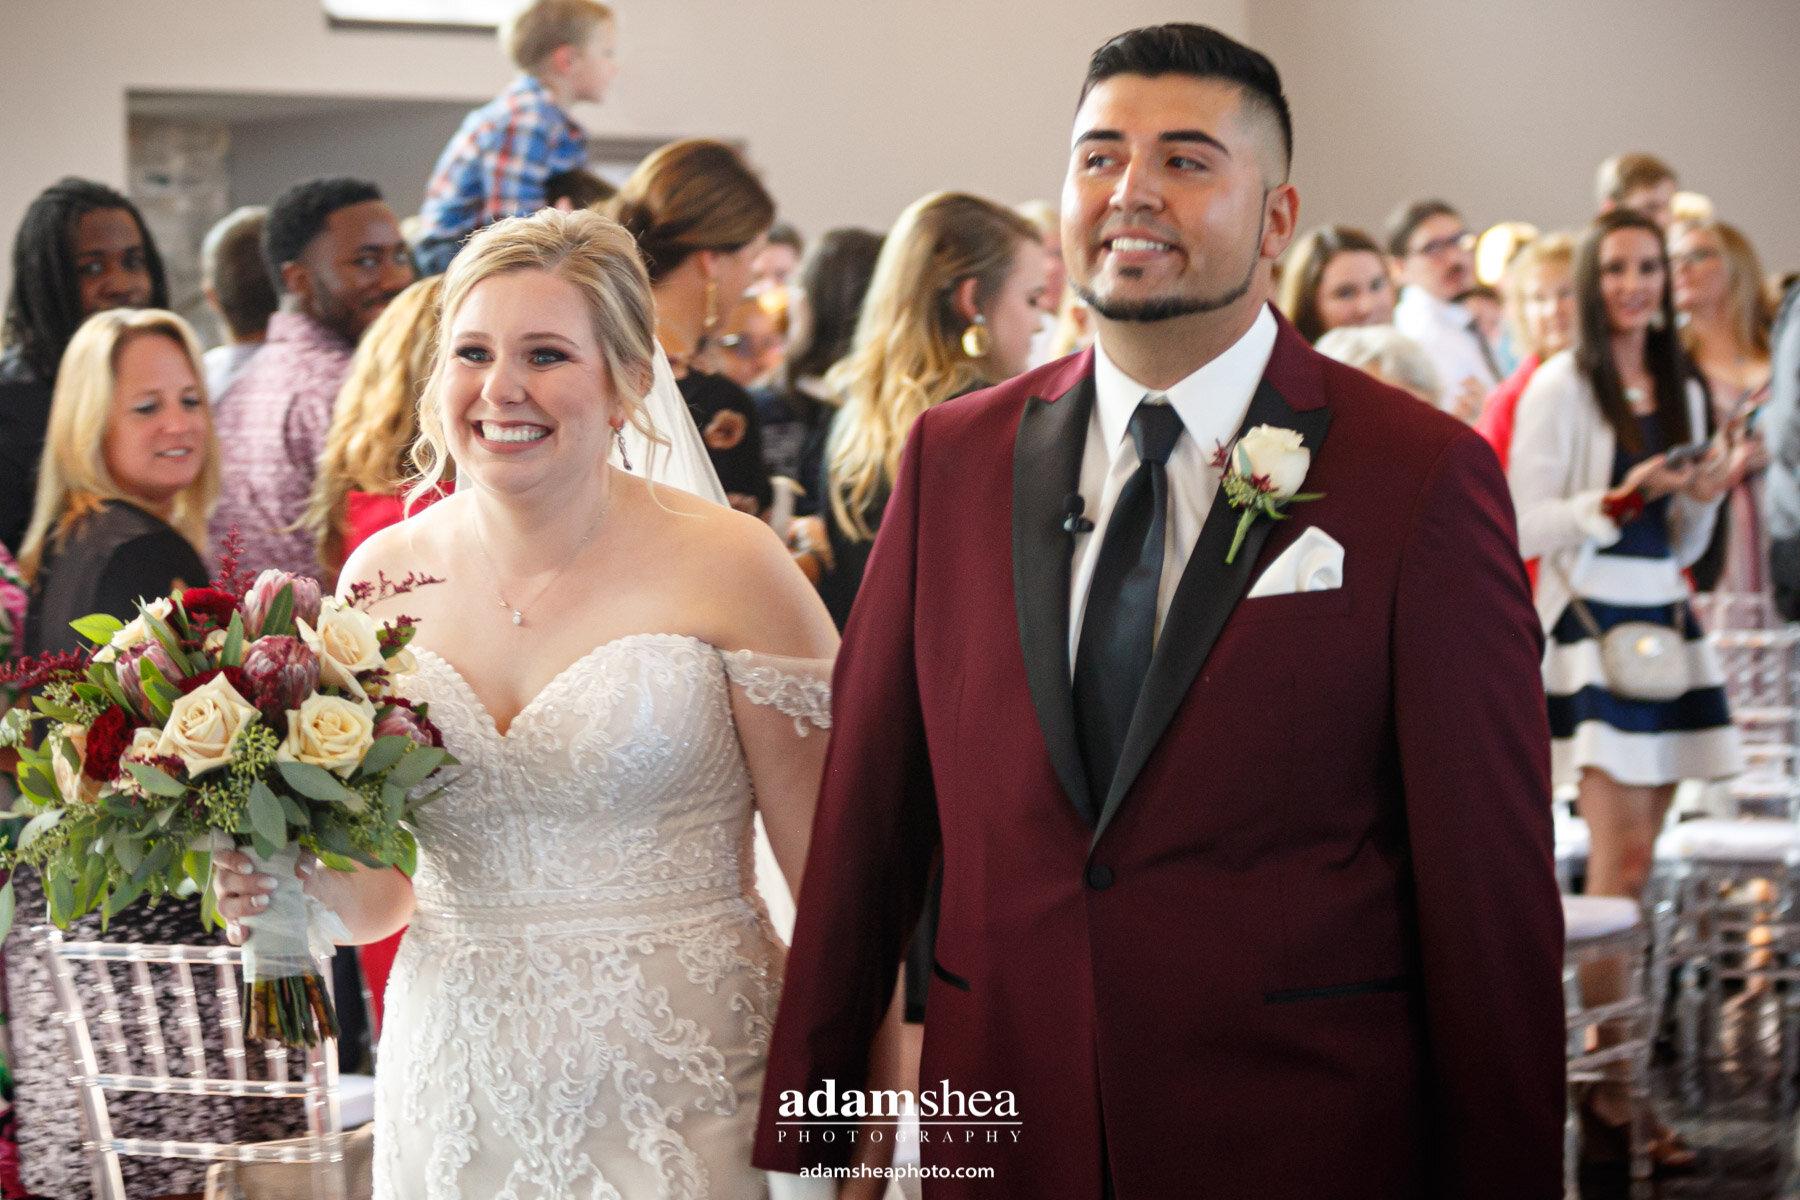 Taylor-Favian-Sepia-Wedding-Chapel-Adam-Shea-Photography-Two-Rivers-WI00014.jpg